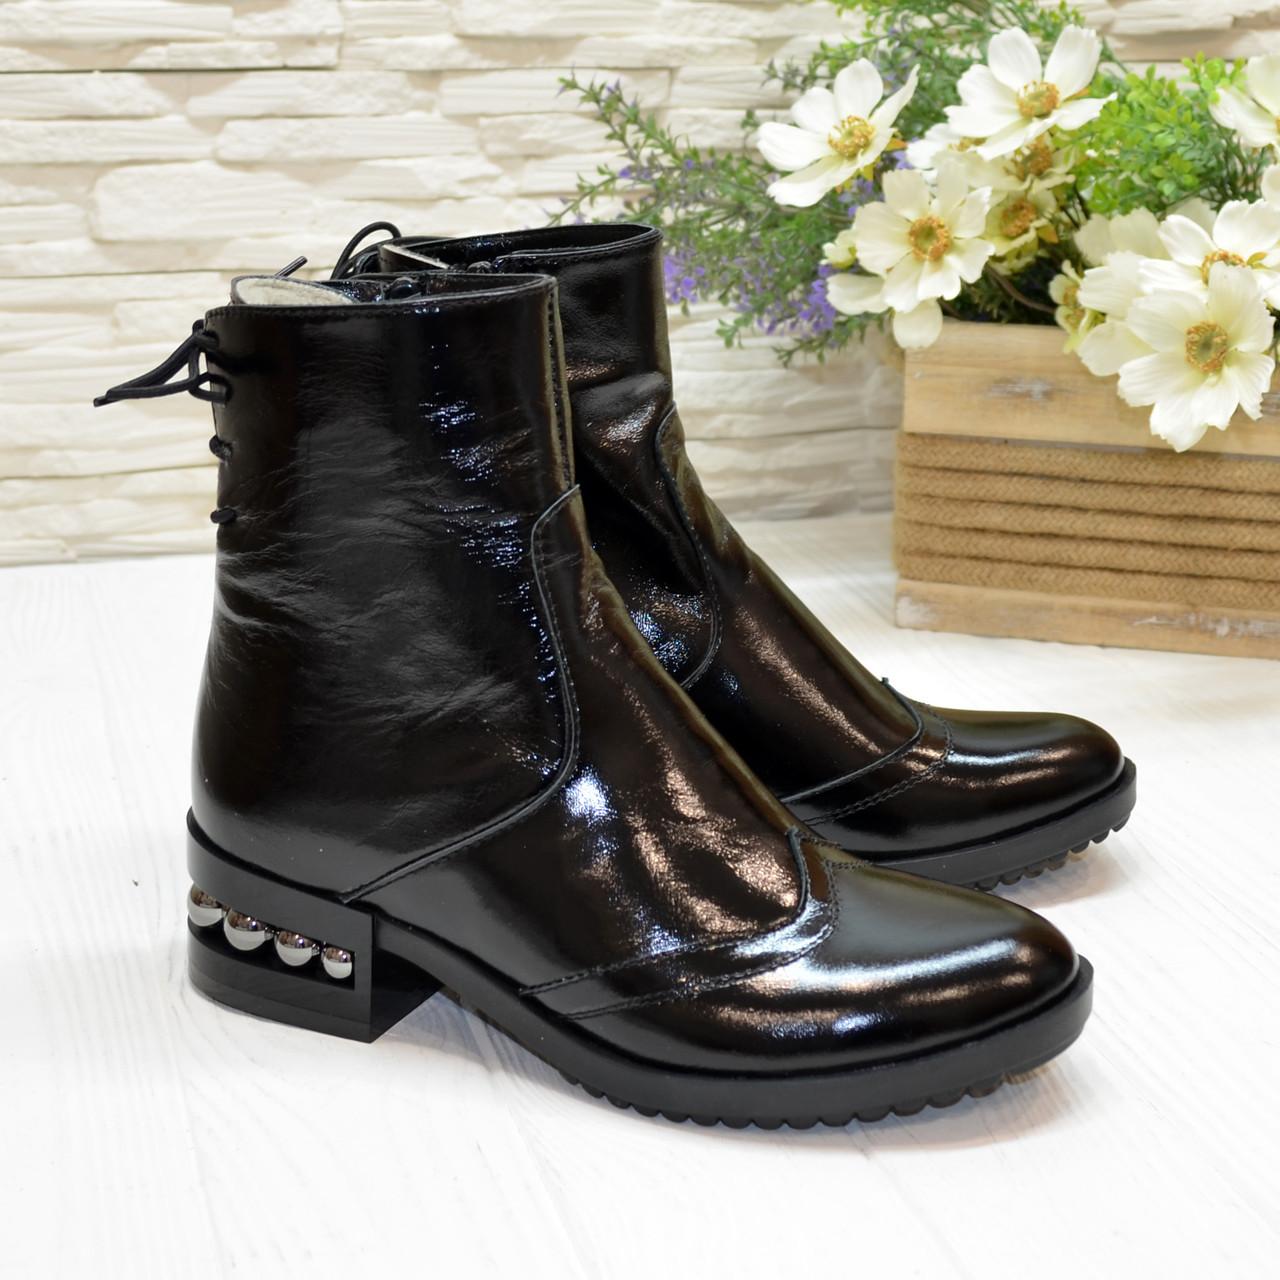 Ботинки черные женские на невысоком каблуке, натуральная лаковая кожа